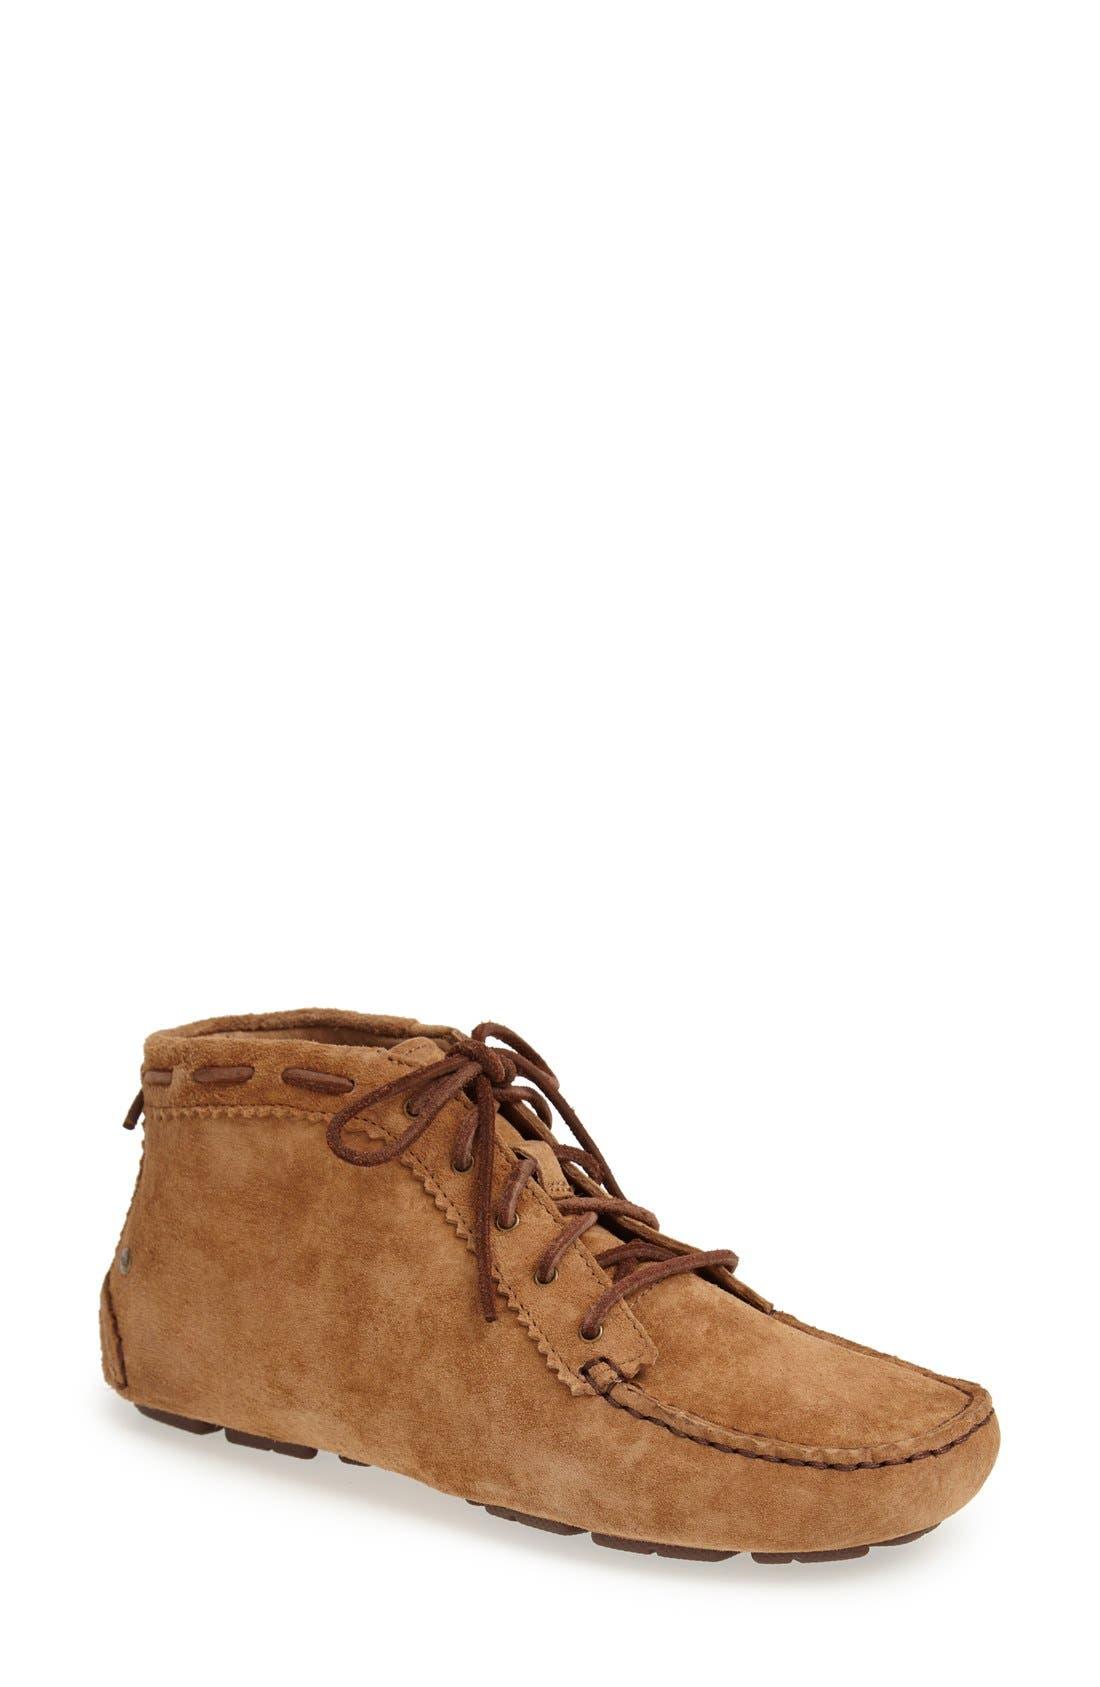 Main Image - UGG® Australia 'Scottie' Boot (Women)